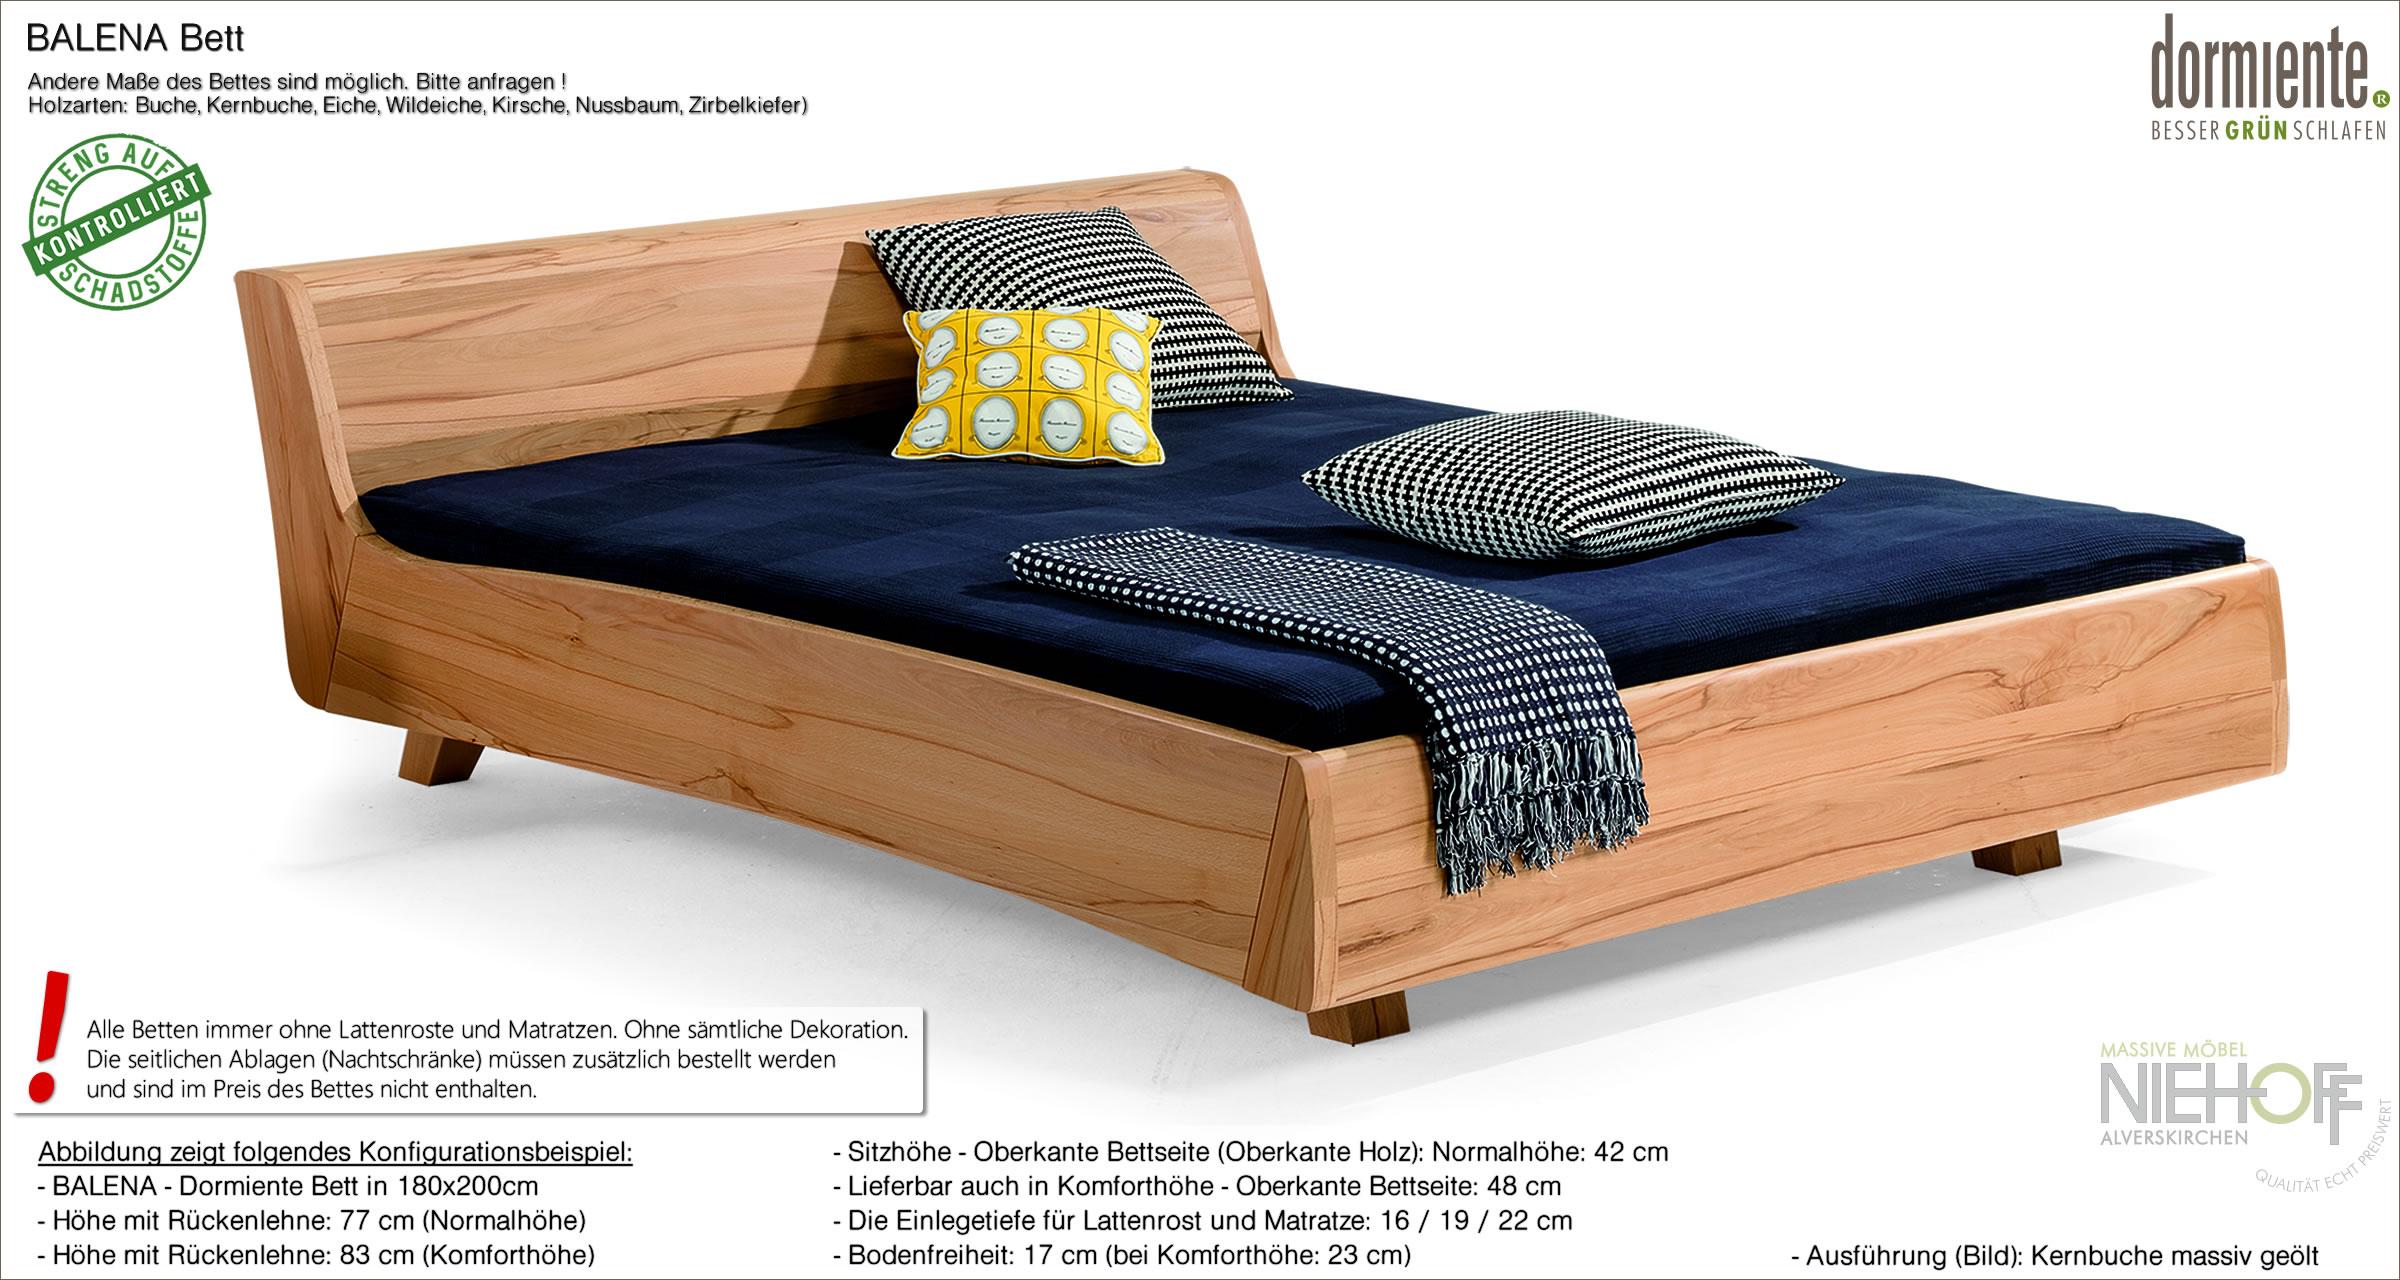 Full Size of Bett Breite 140 220 Cm 160 Oder 180 120 Ikea Bettbreiten Naturholzbett Balena Mit Rckenlehne Als Einzelbett 120x200 Matratze Und Lattenrost Clinique Even Bett Bett Breite